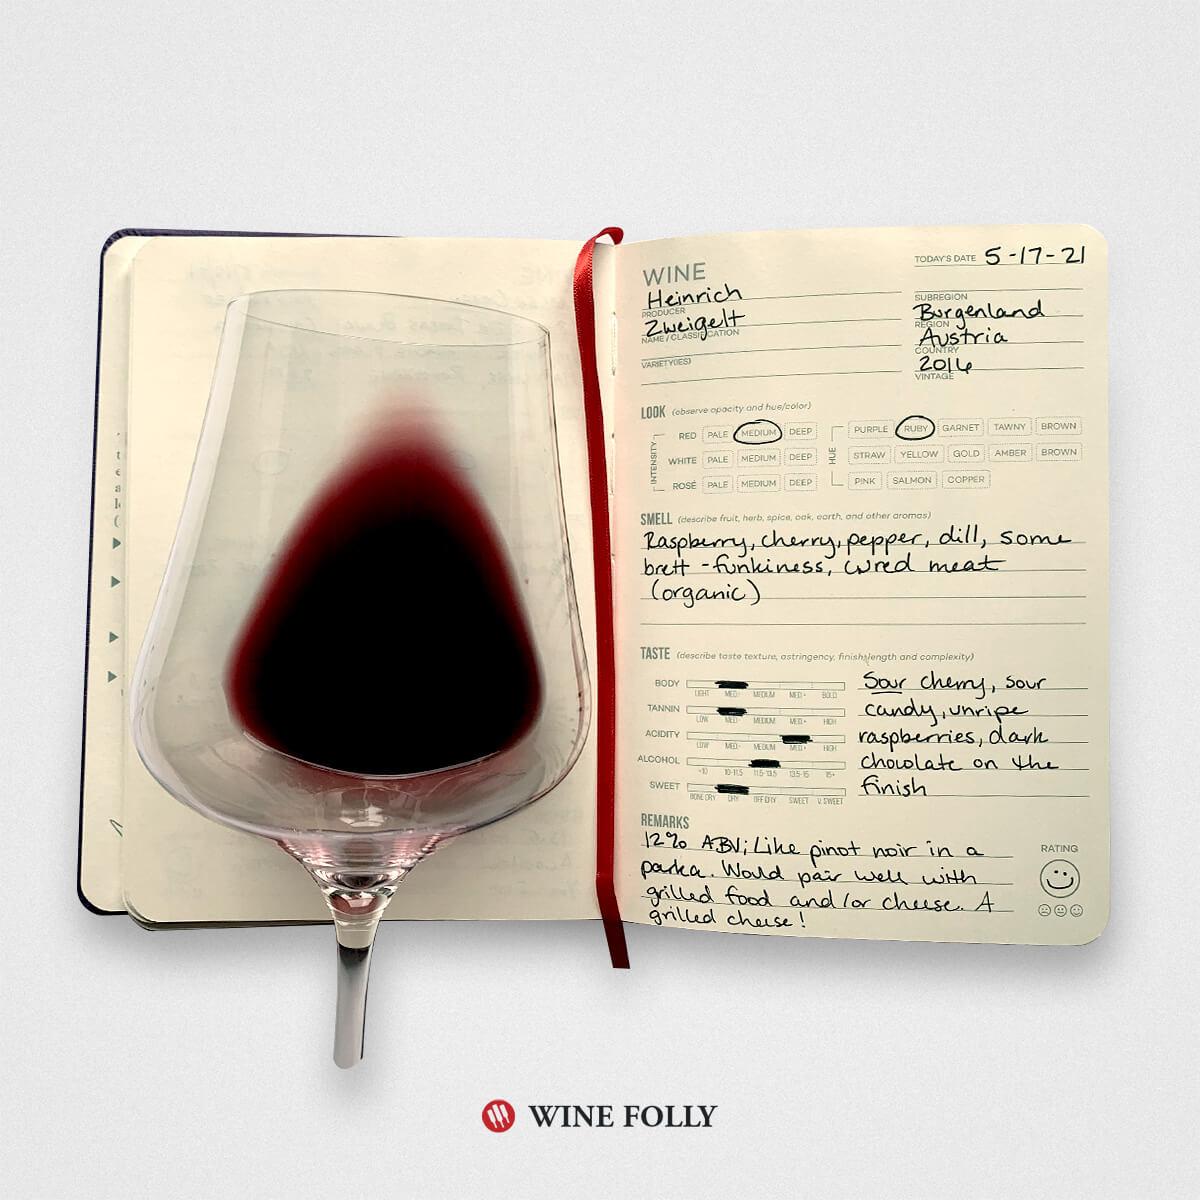 Wine tasting journal notes on Zweigelt